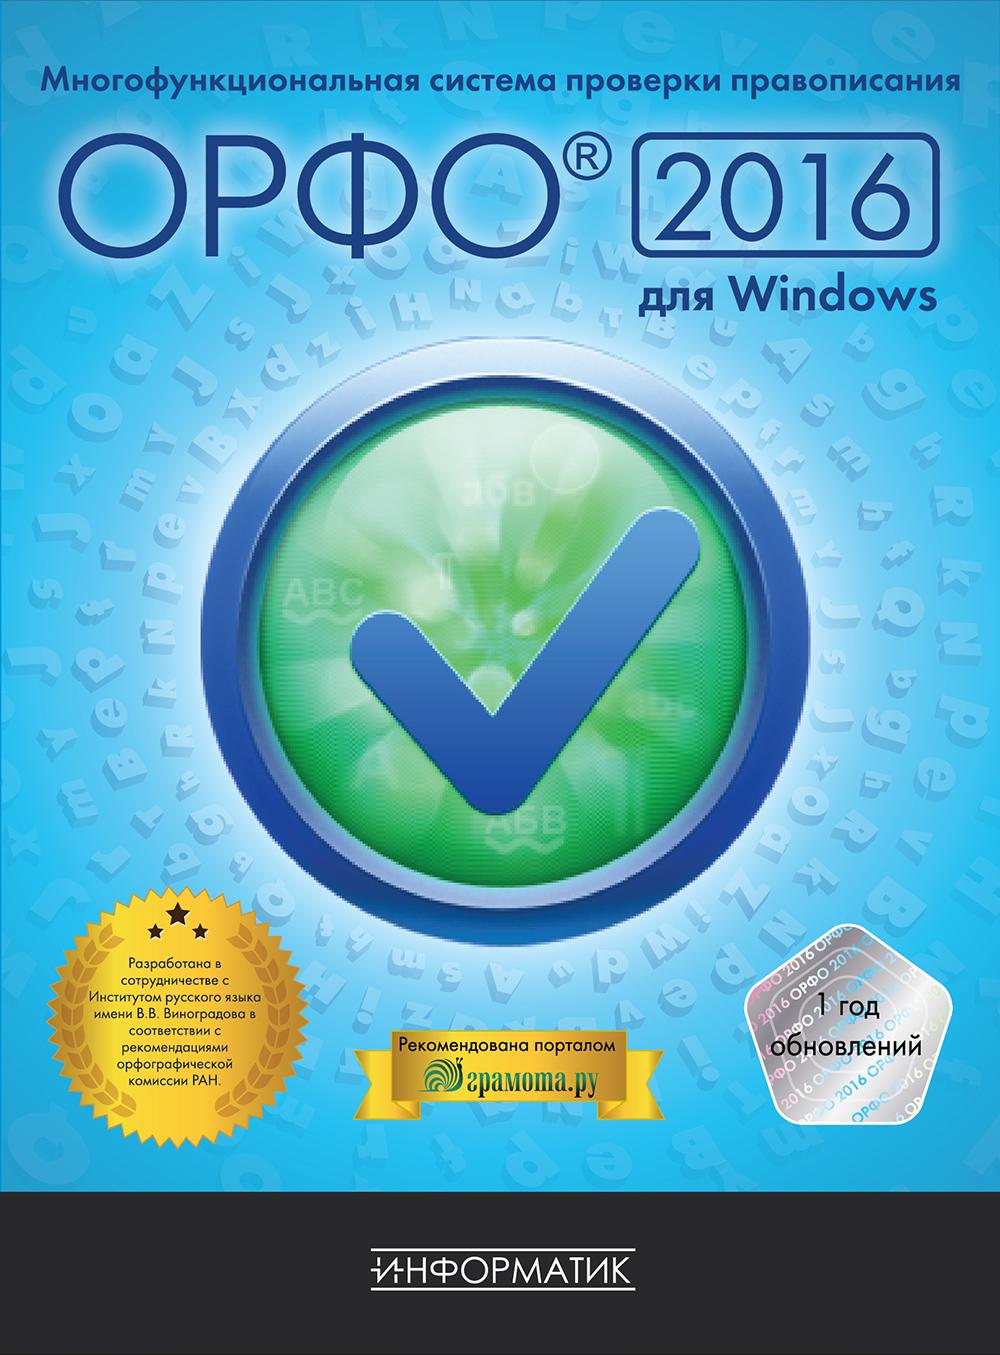 ОРФО 2016 для Windows Профессиональная